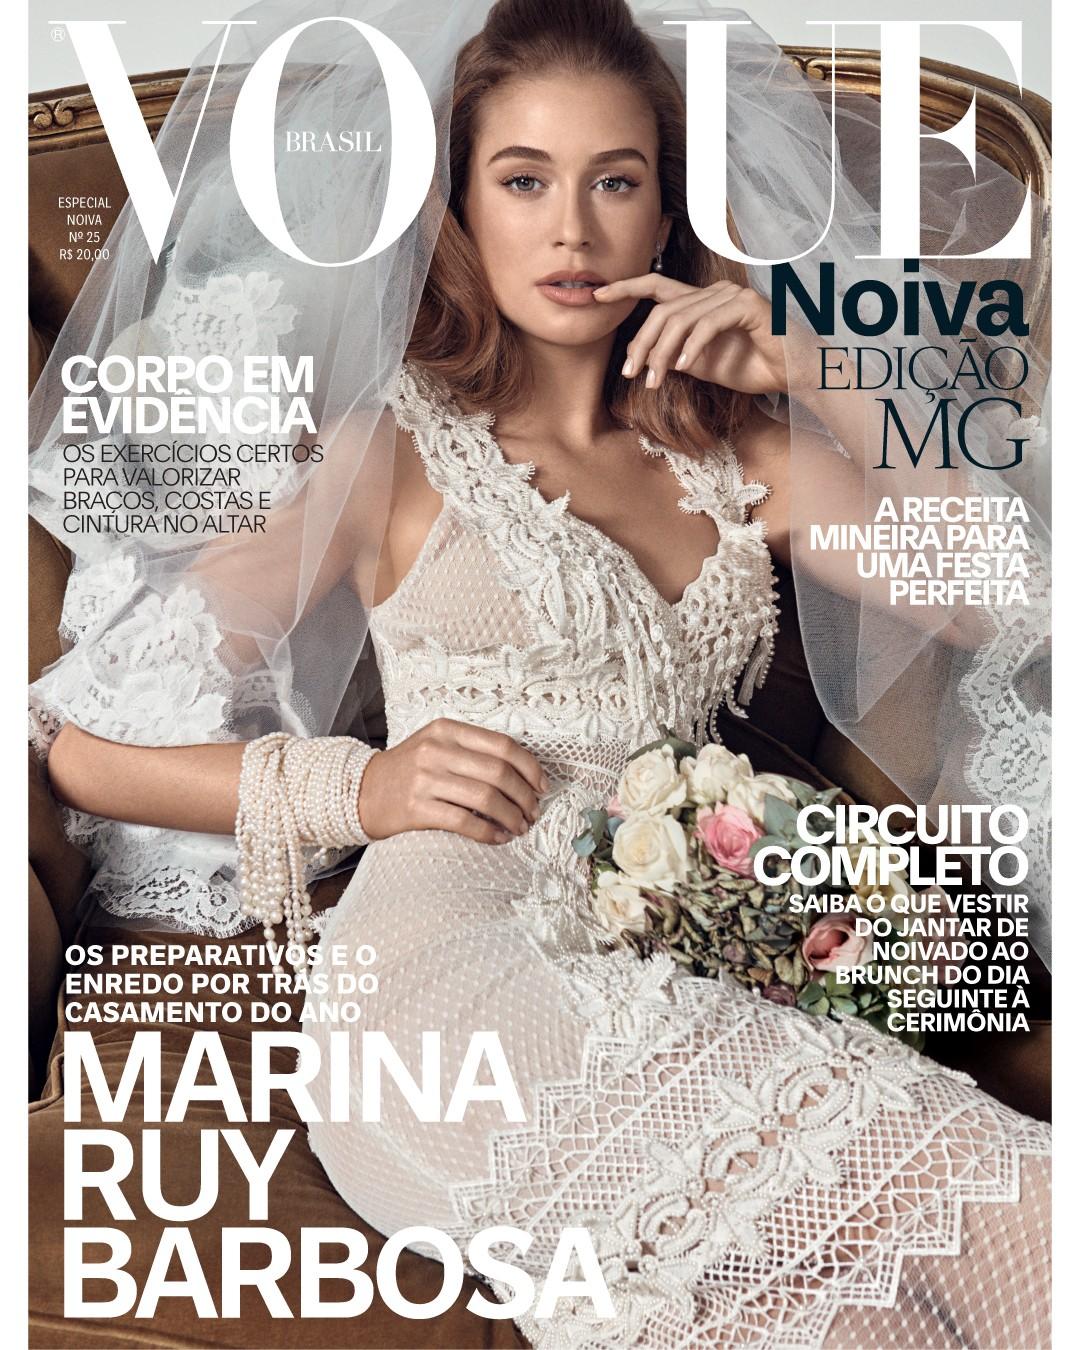 Marina Ruy Barbosa usa vestido de Fabiana Milazzo (Foto: Gil Inoue. Styling: Alexandra Benenti e beleza de Silvio Giorgio)